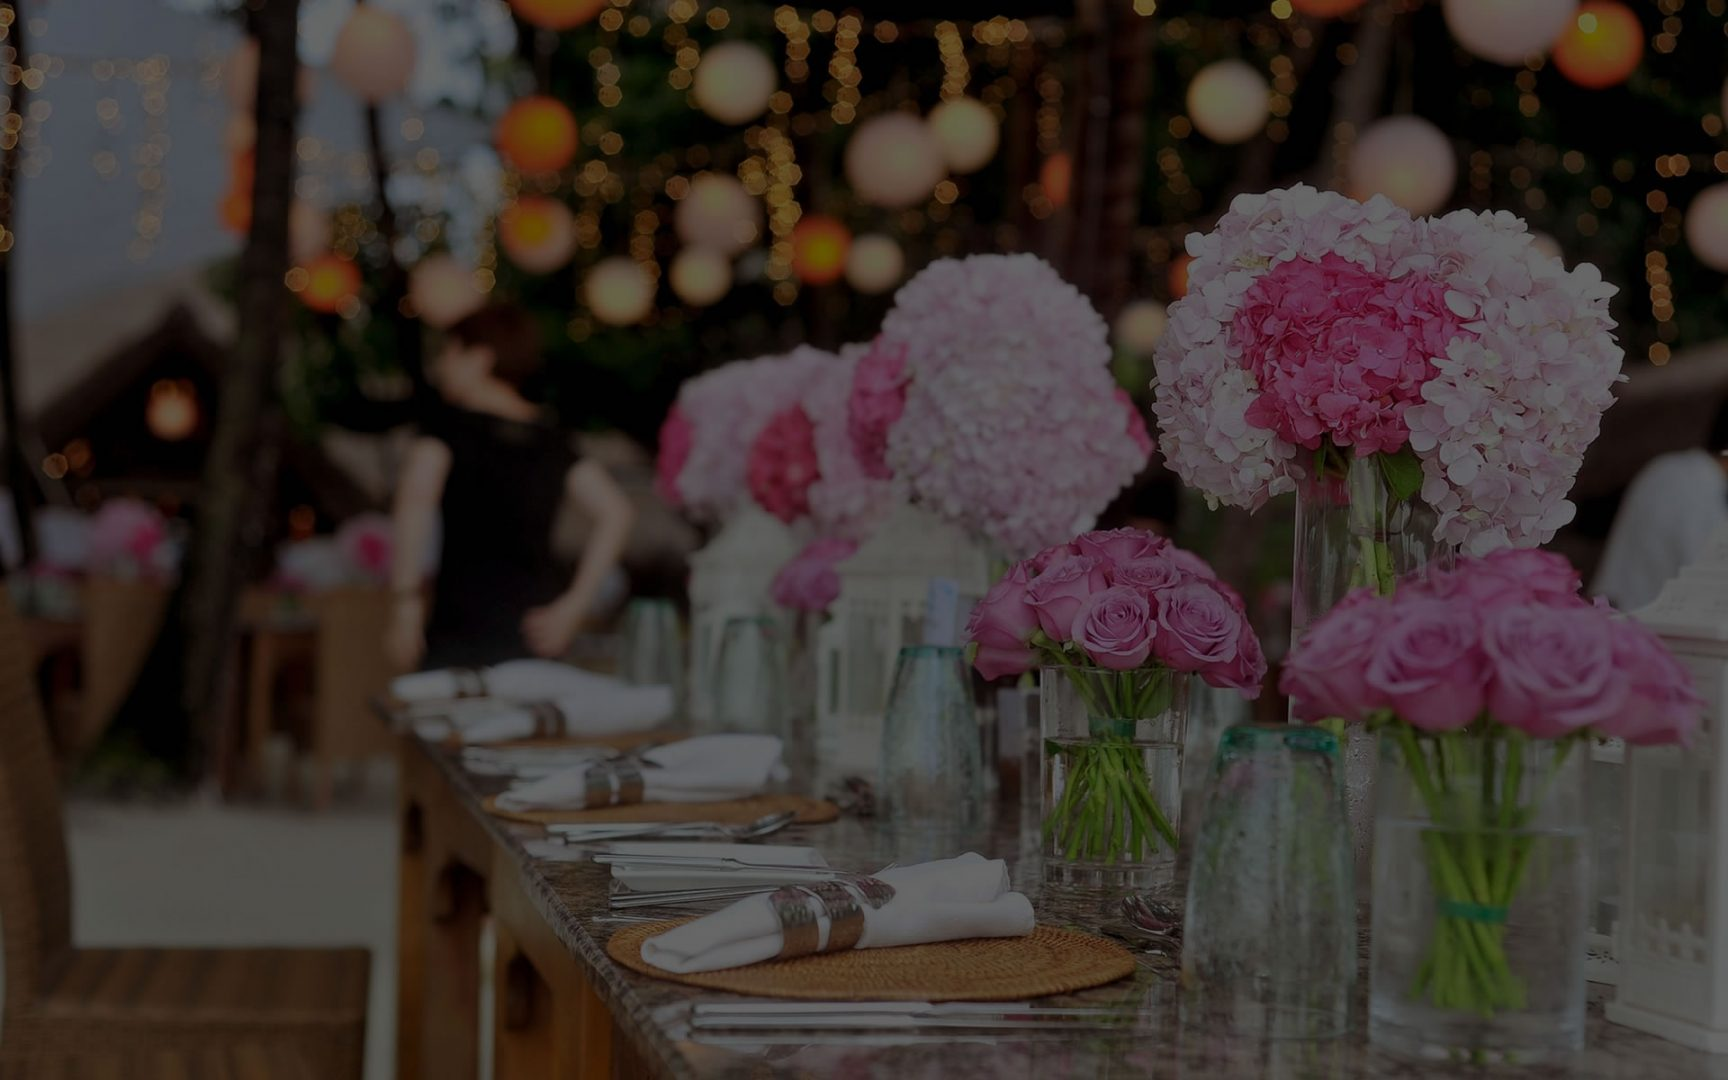 gruppo-felix-hotels-sardegna-matrimoni-eventi